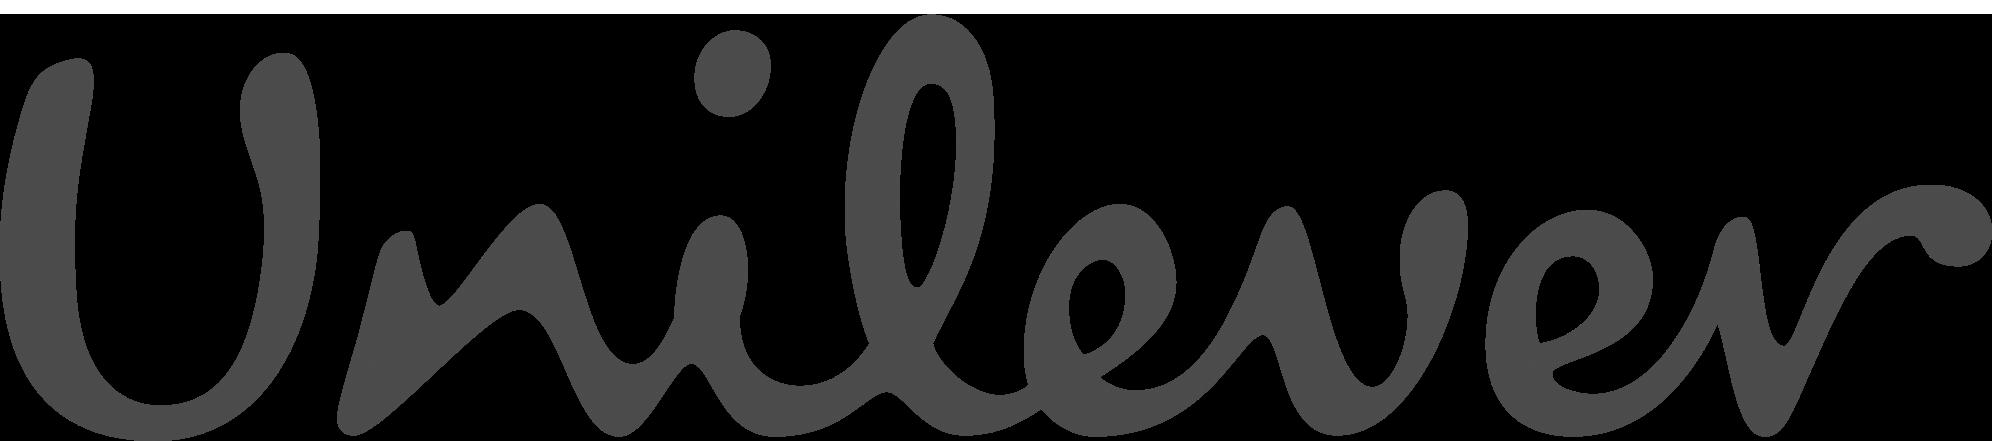 Unilever_logo copy